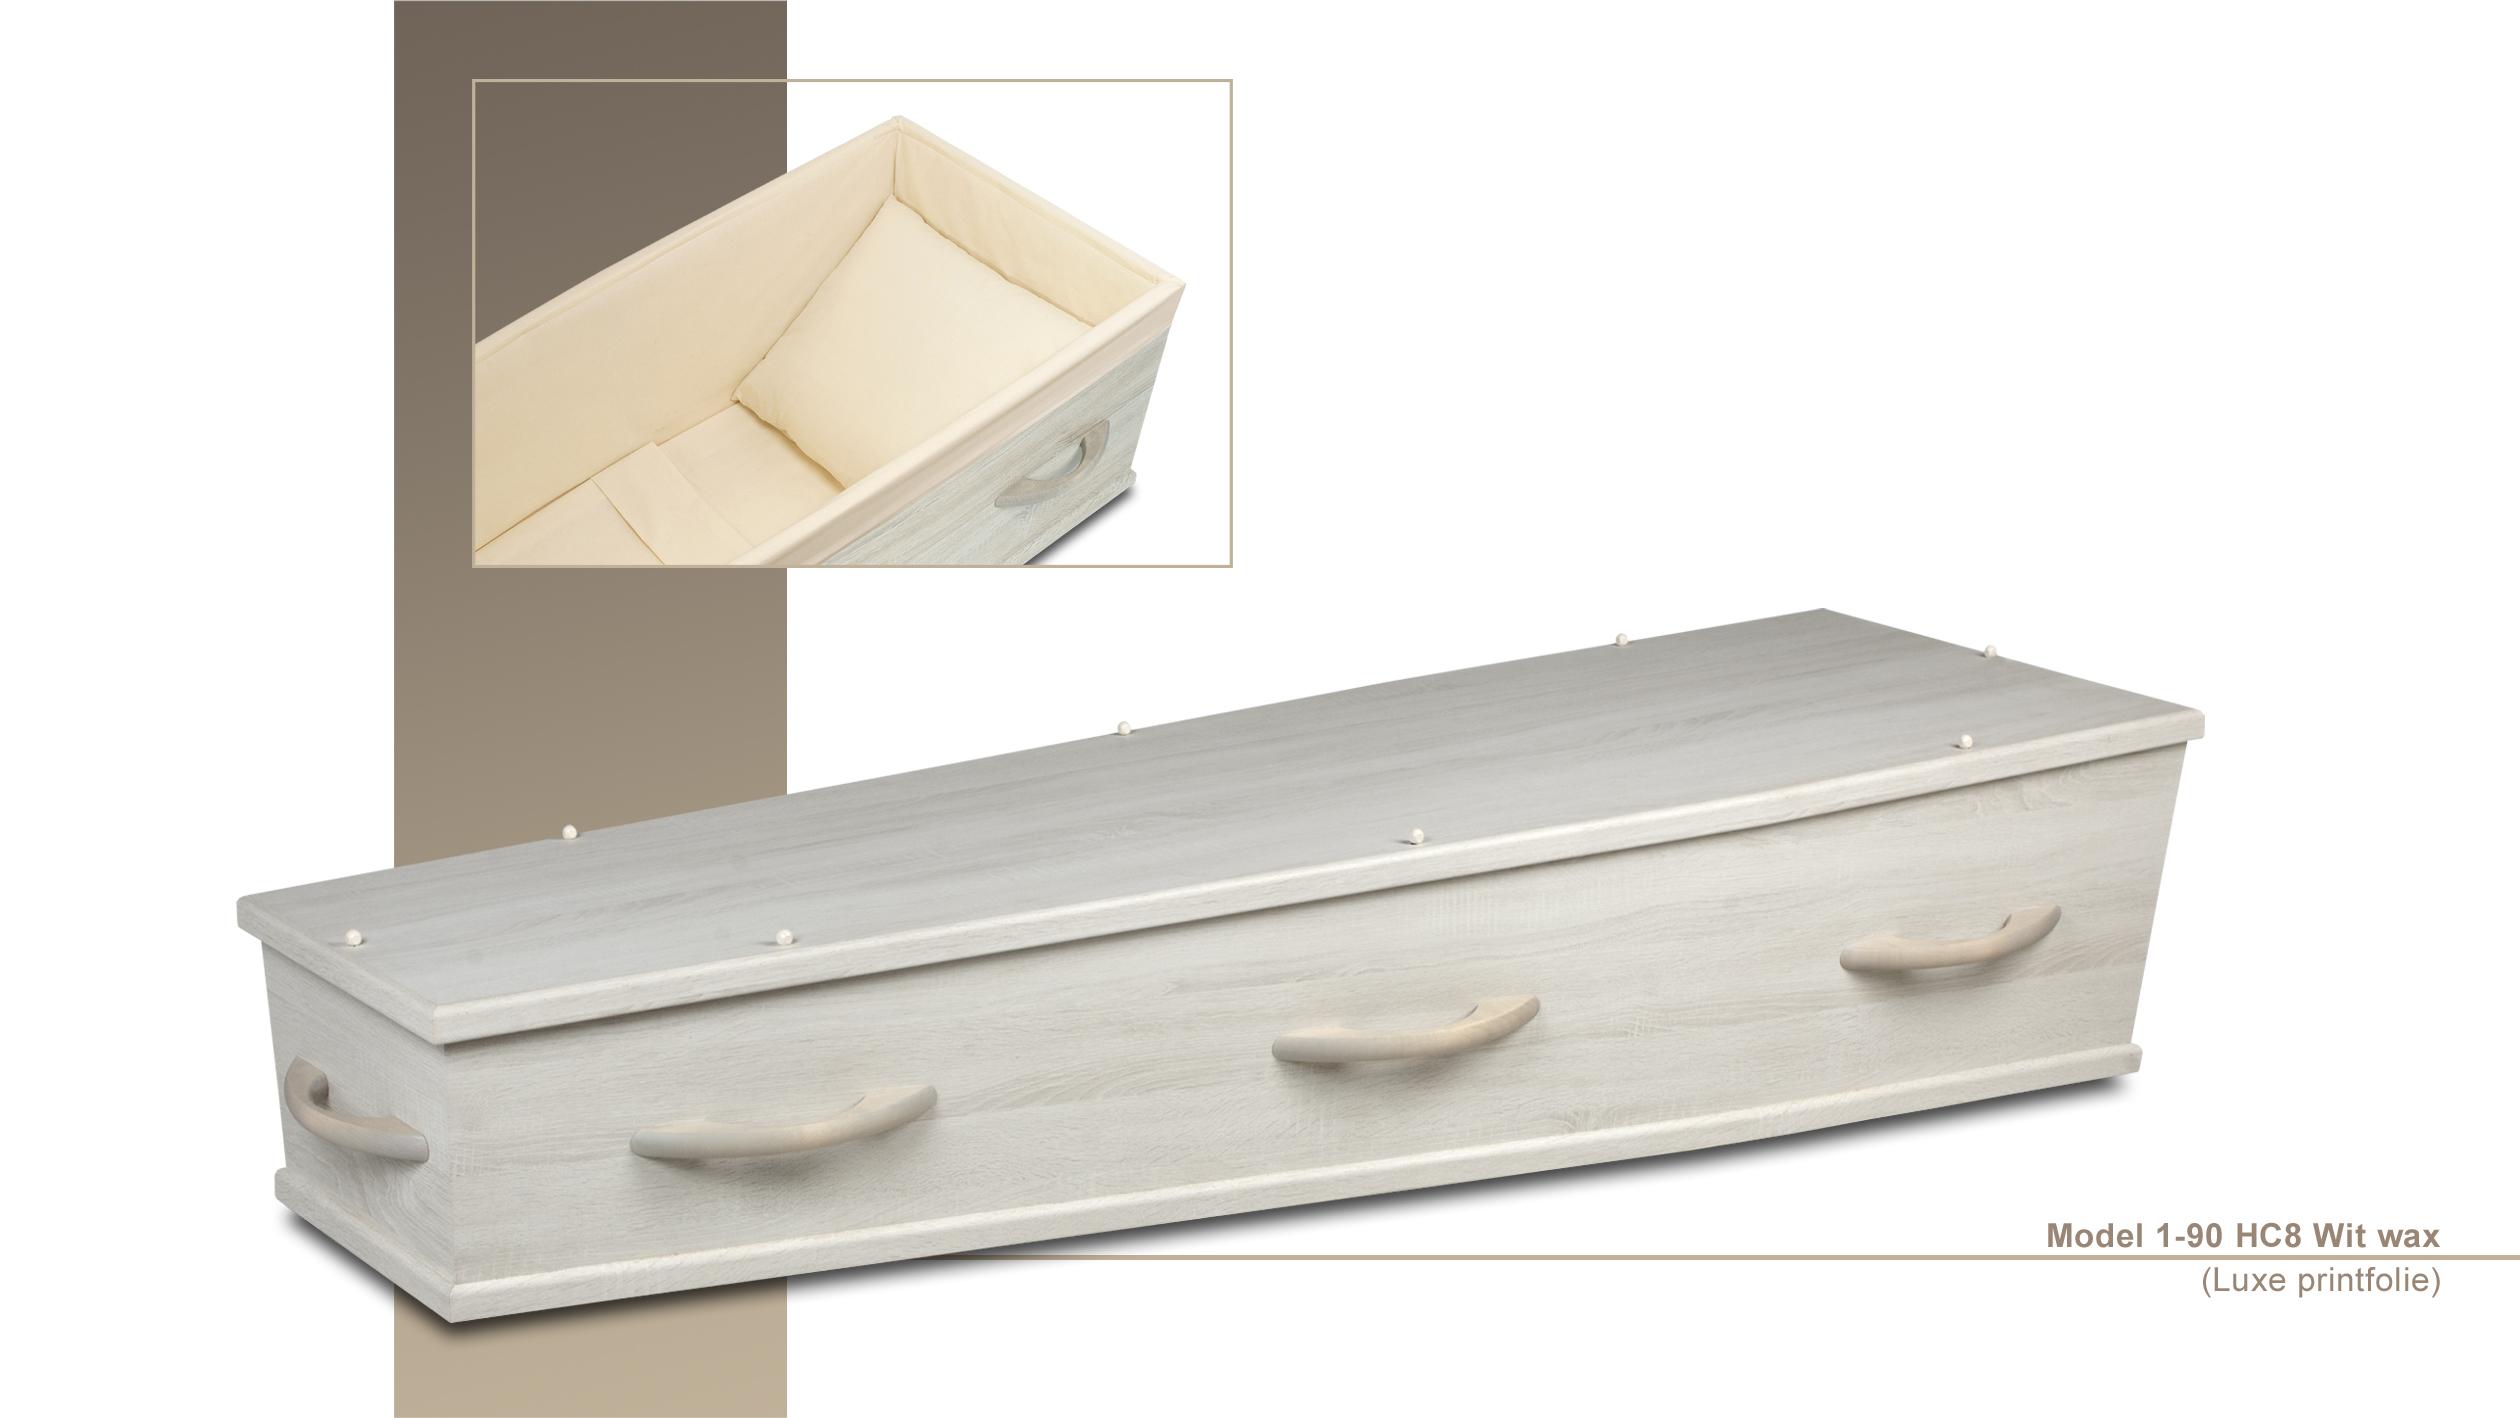 1-90 HC8 Wit wax